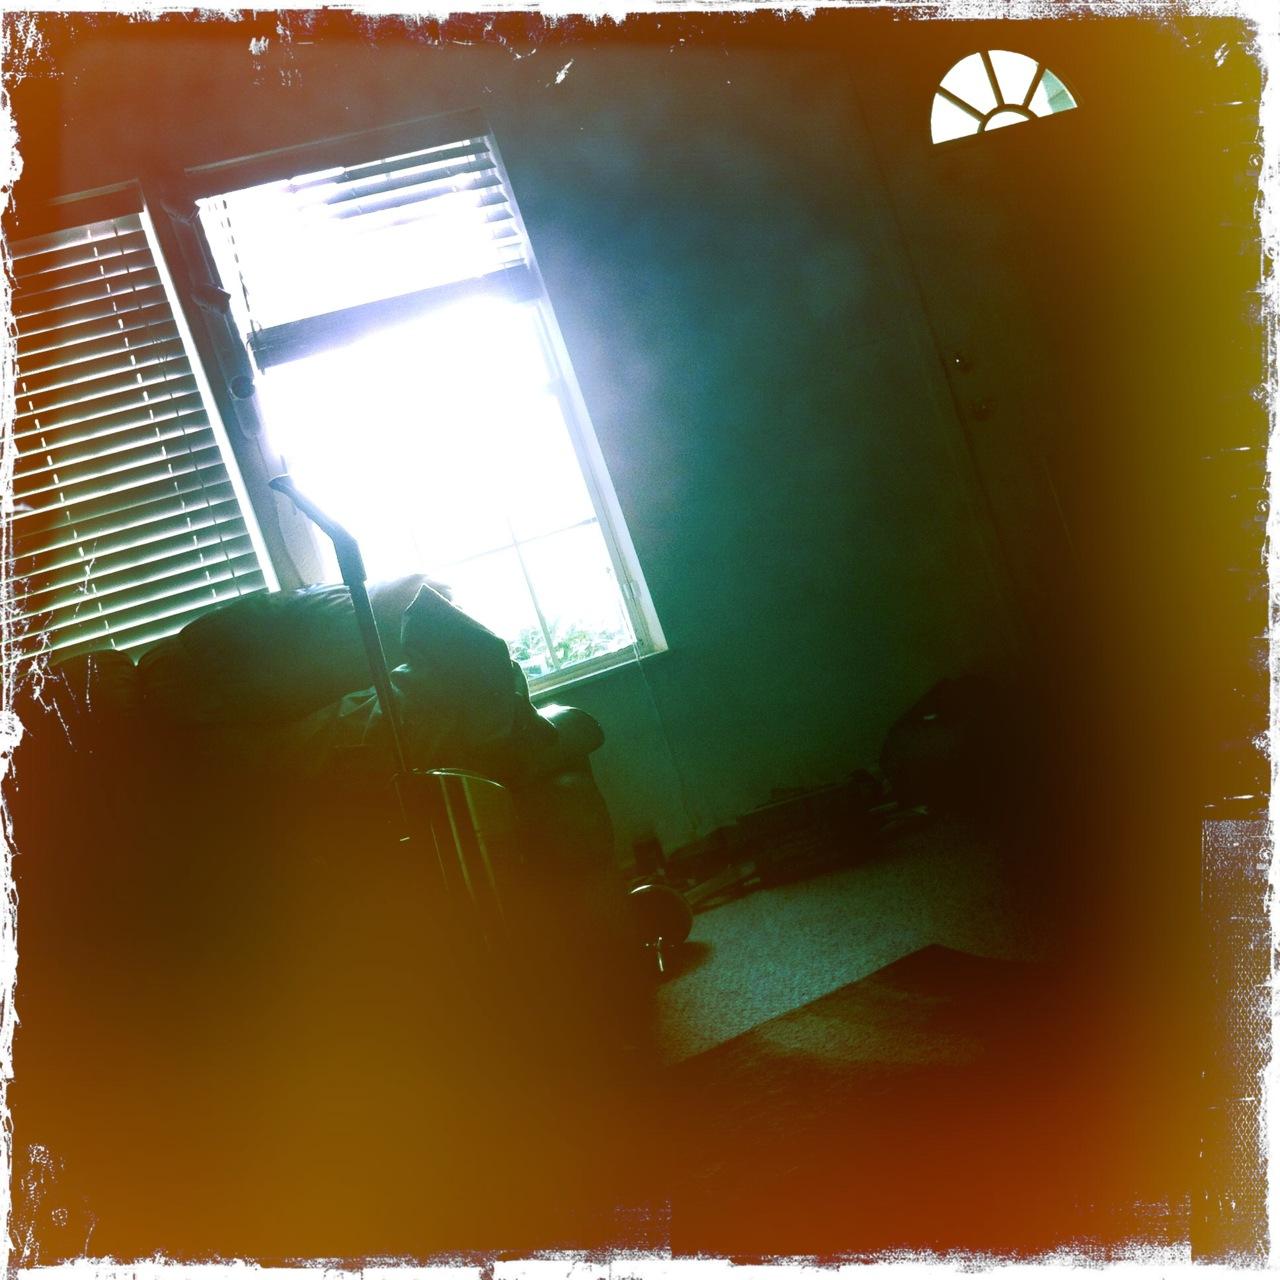 Morning sunrise 1 John S Lens, Kodot XGrizzled Film, Cherry Shine Flash,